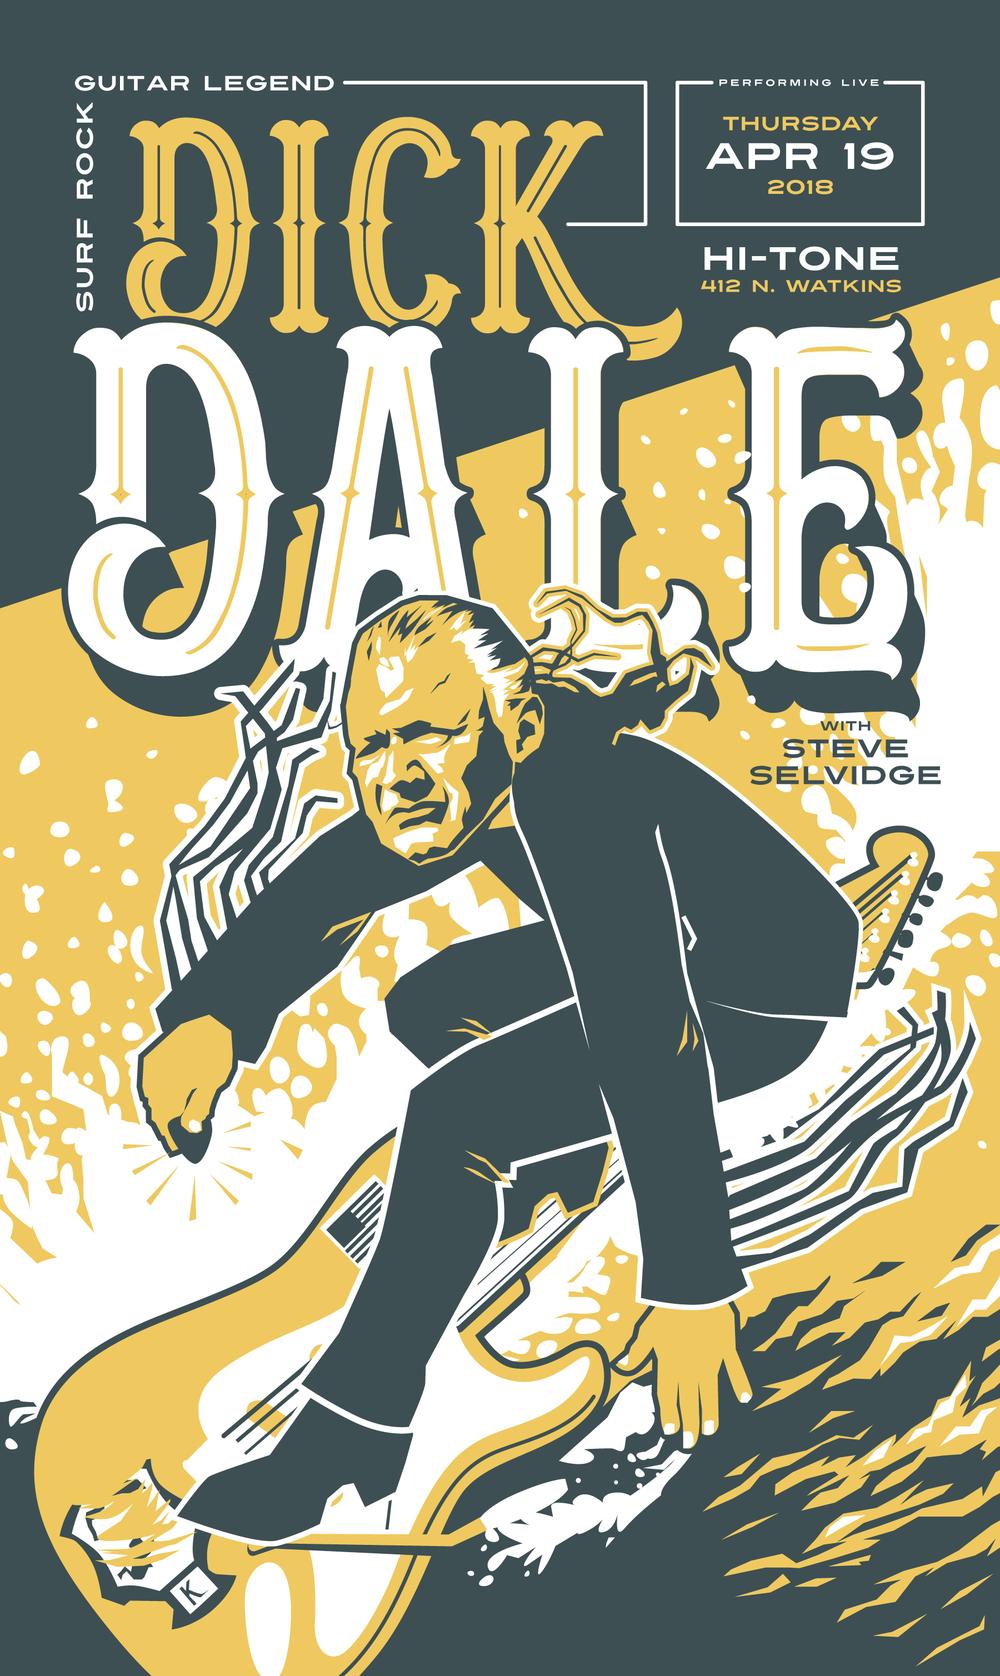 Dick Dale at the Hi-Tone, 2018